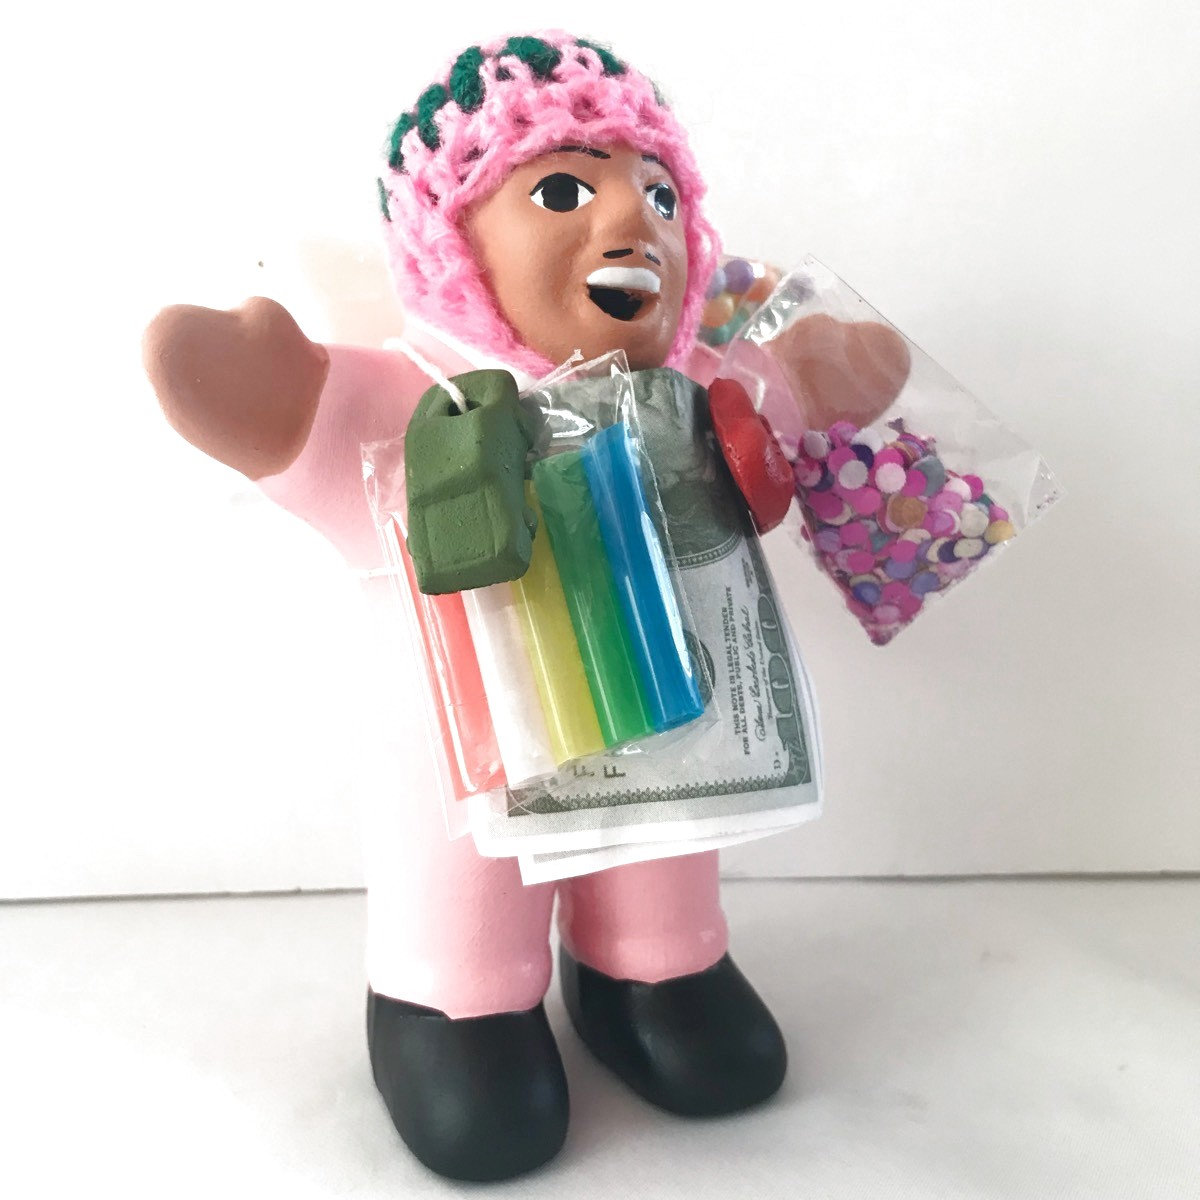 画像3: 【限定】ペルー産!エケコ(エケッコー)人形  中Mサイズ(約15センチ)ピンク